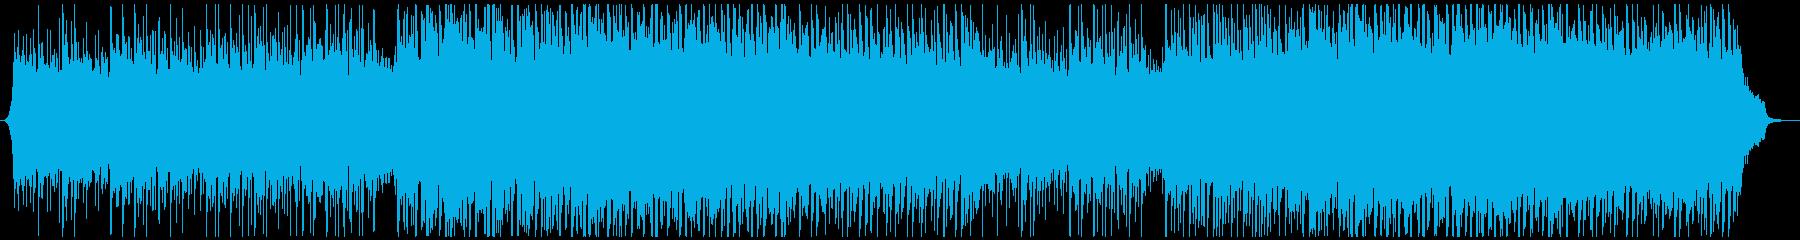 企業VP プレゼンなどの企業VPにの再生済みの波形